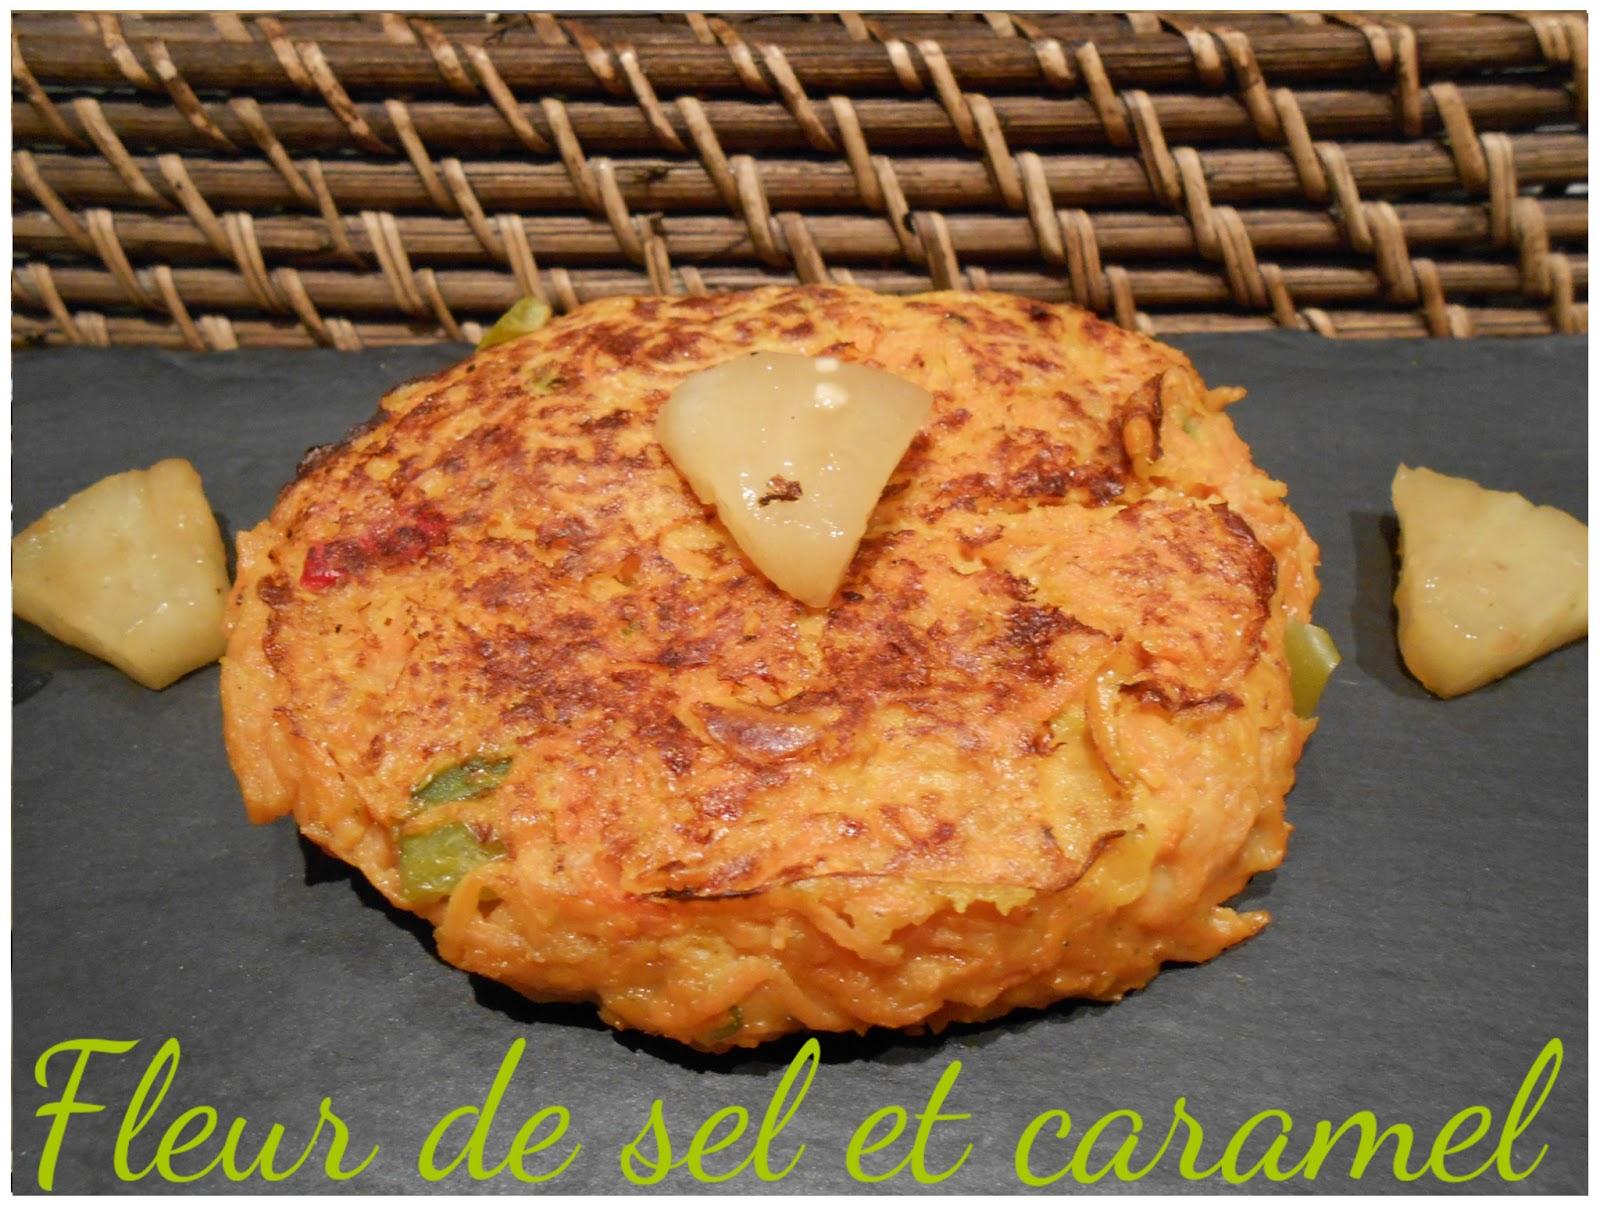 Fleur de sel et caramel galettes de carottes aux pices - Fleur de sel aux epices grillees ...